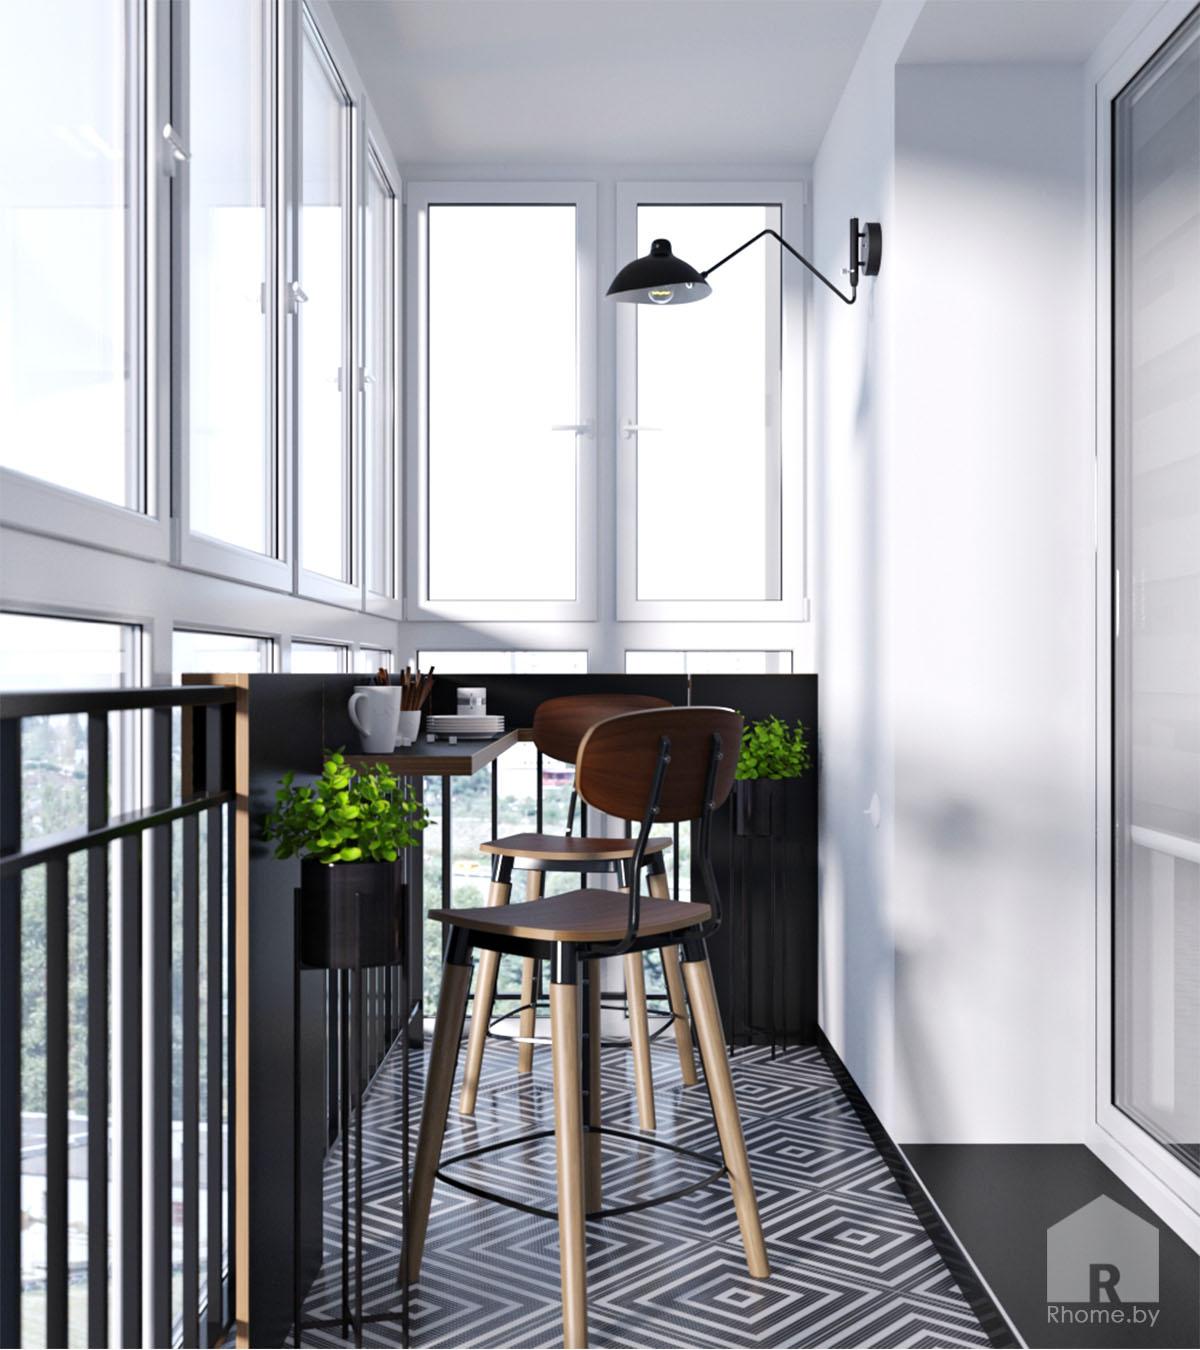 Балкон onliner